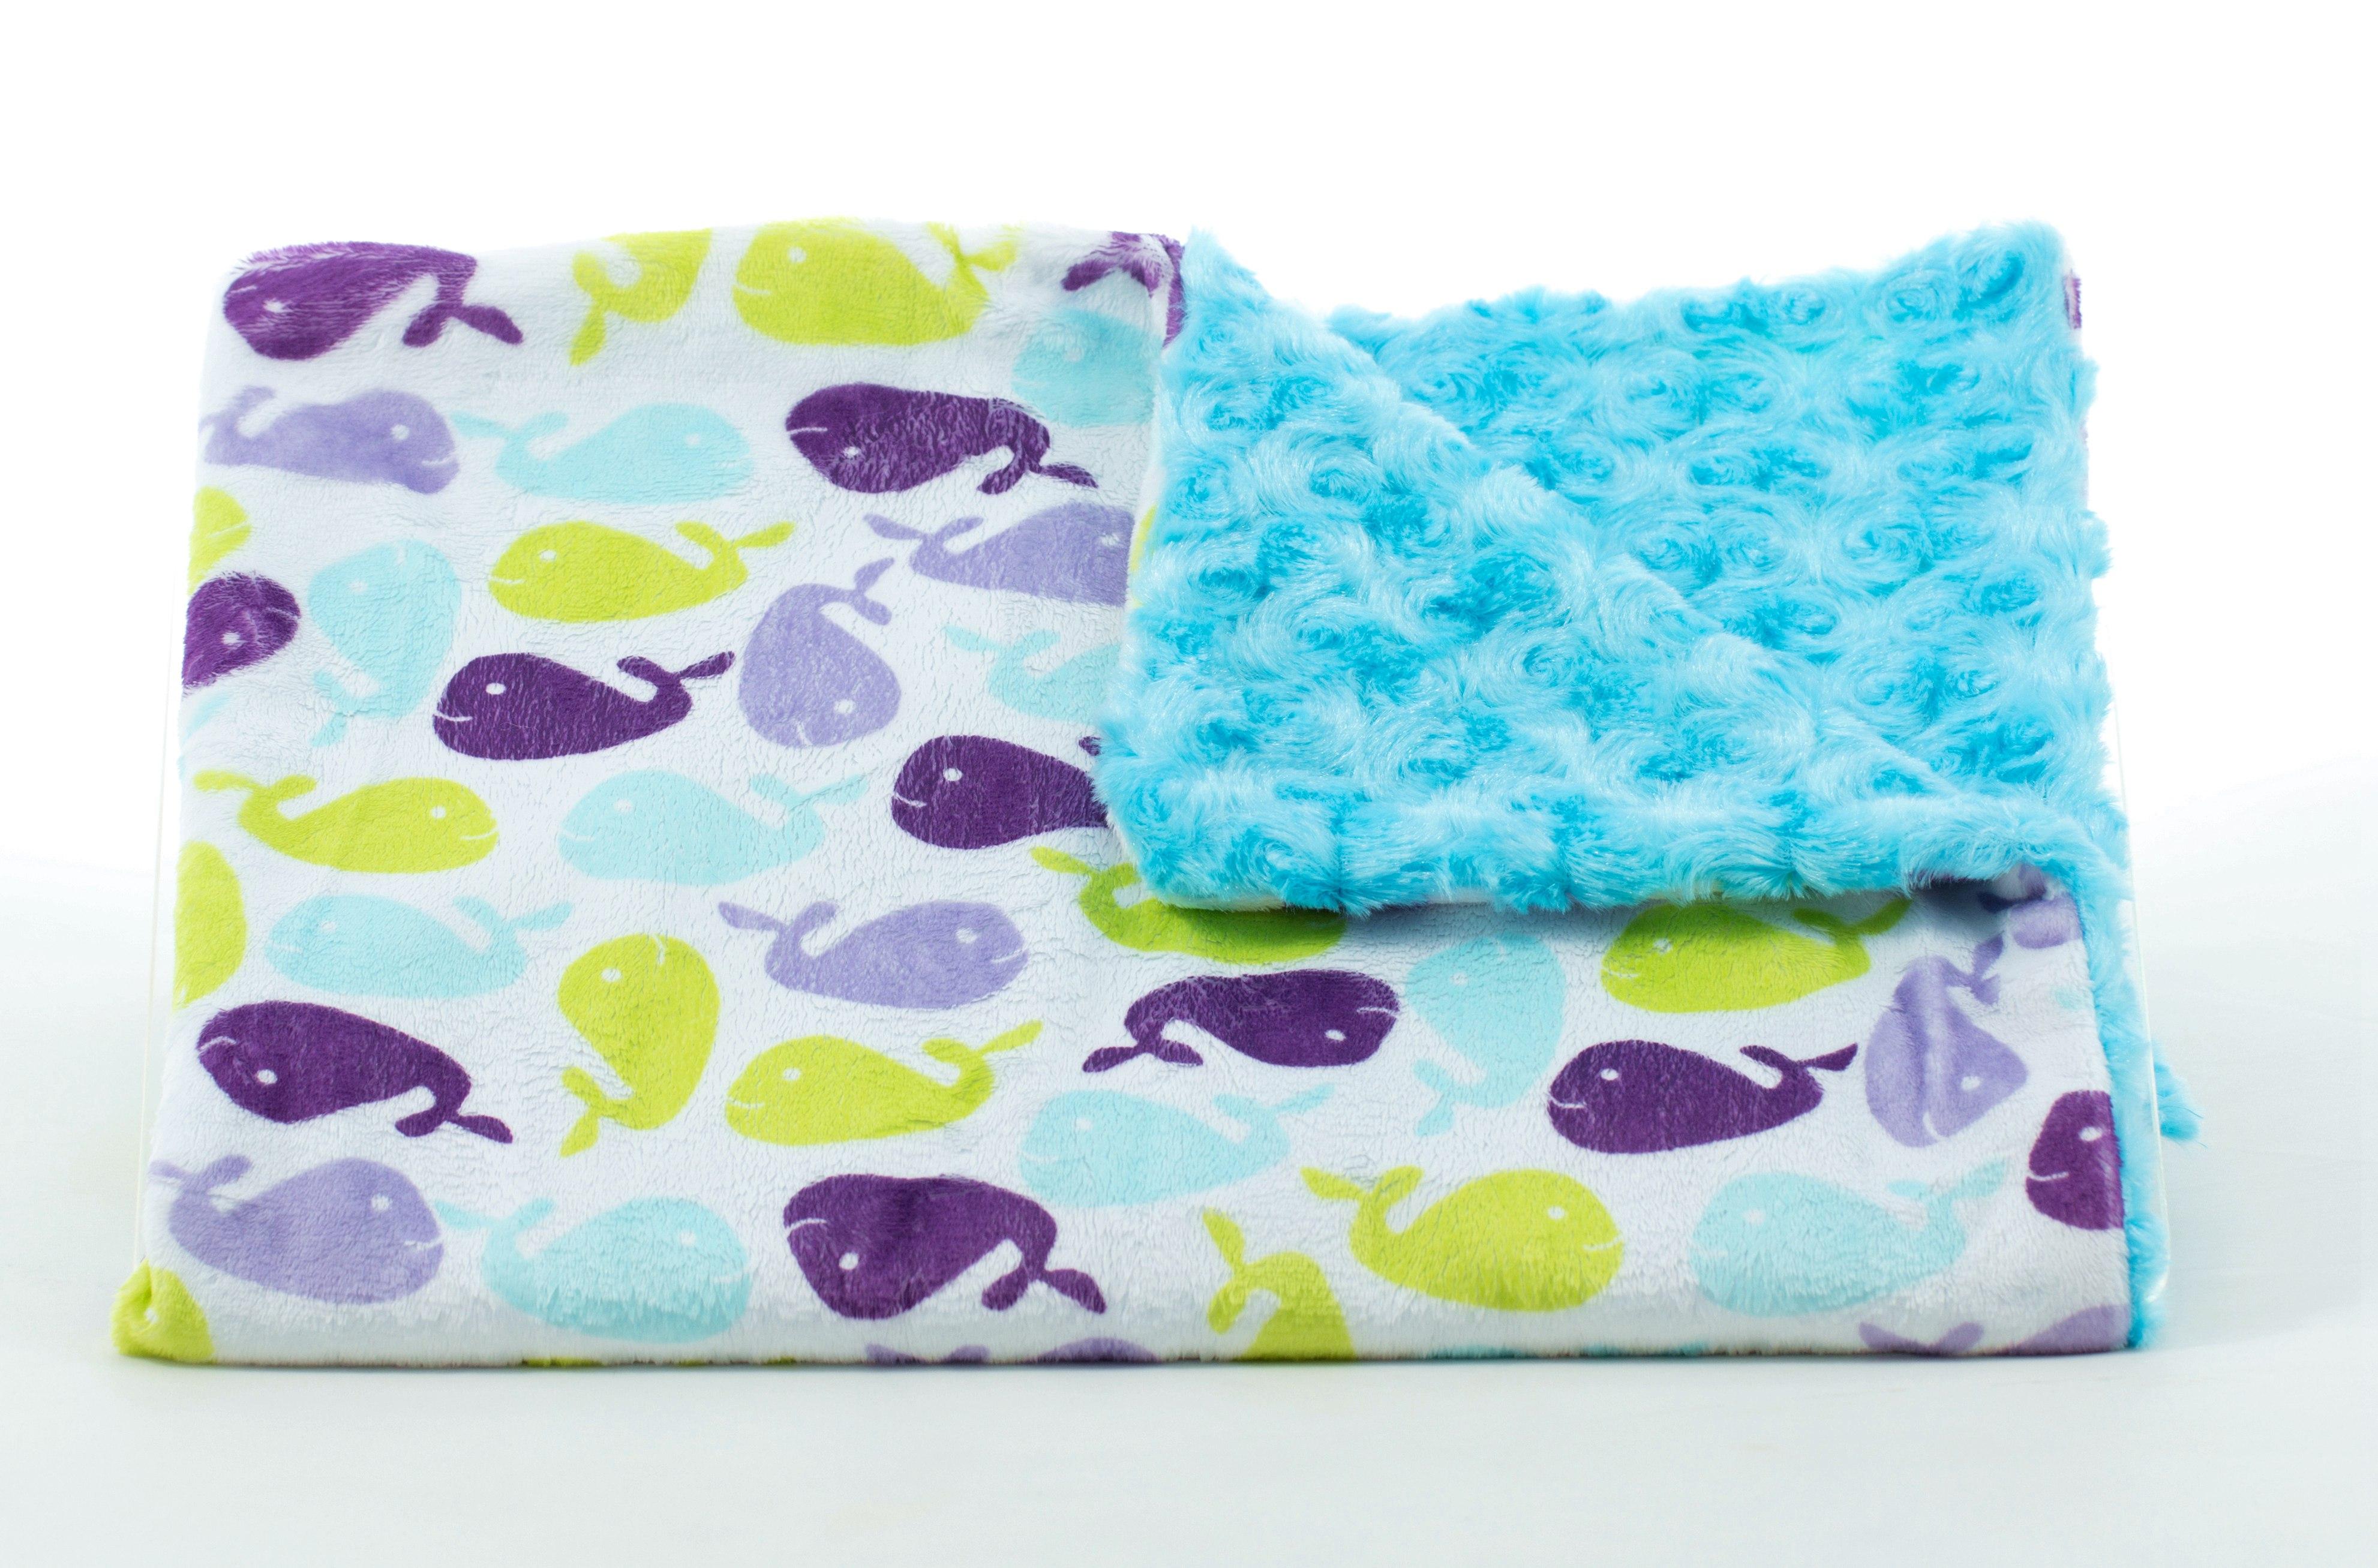 ★啦啦看世界★ 美國製 Tourance 朵蕾花苞毯 / 小鯨魚水藍花苞 彌月禮 出生禮 月子 手工毯 寶寶毯 嬰兒毯 滿月 柯以柔 美國毯